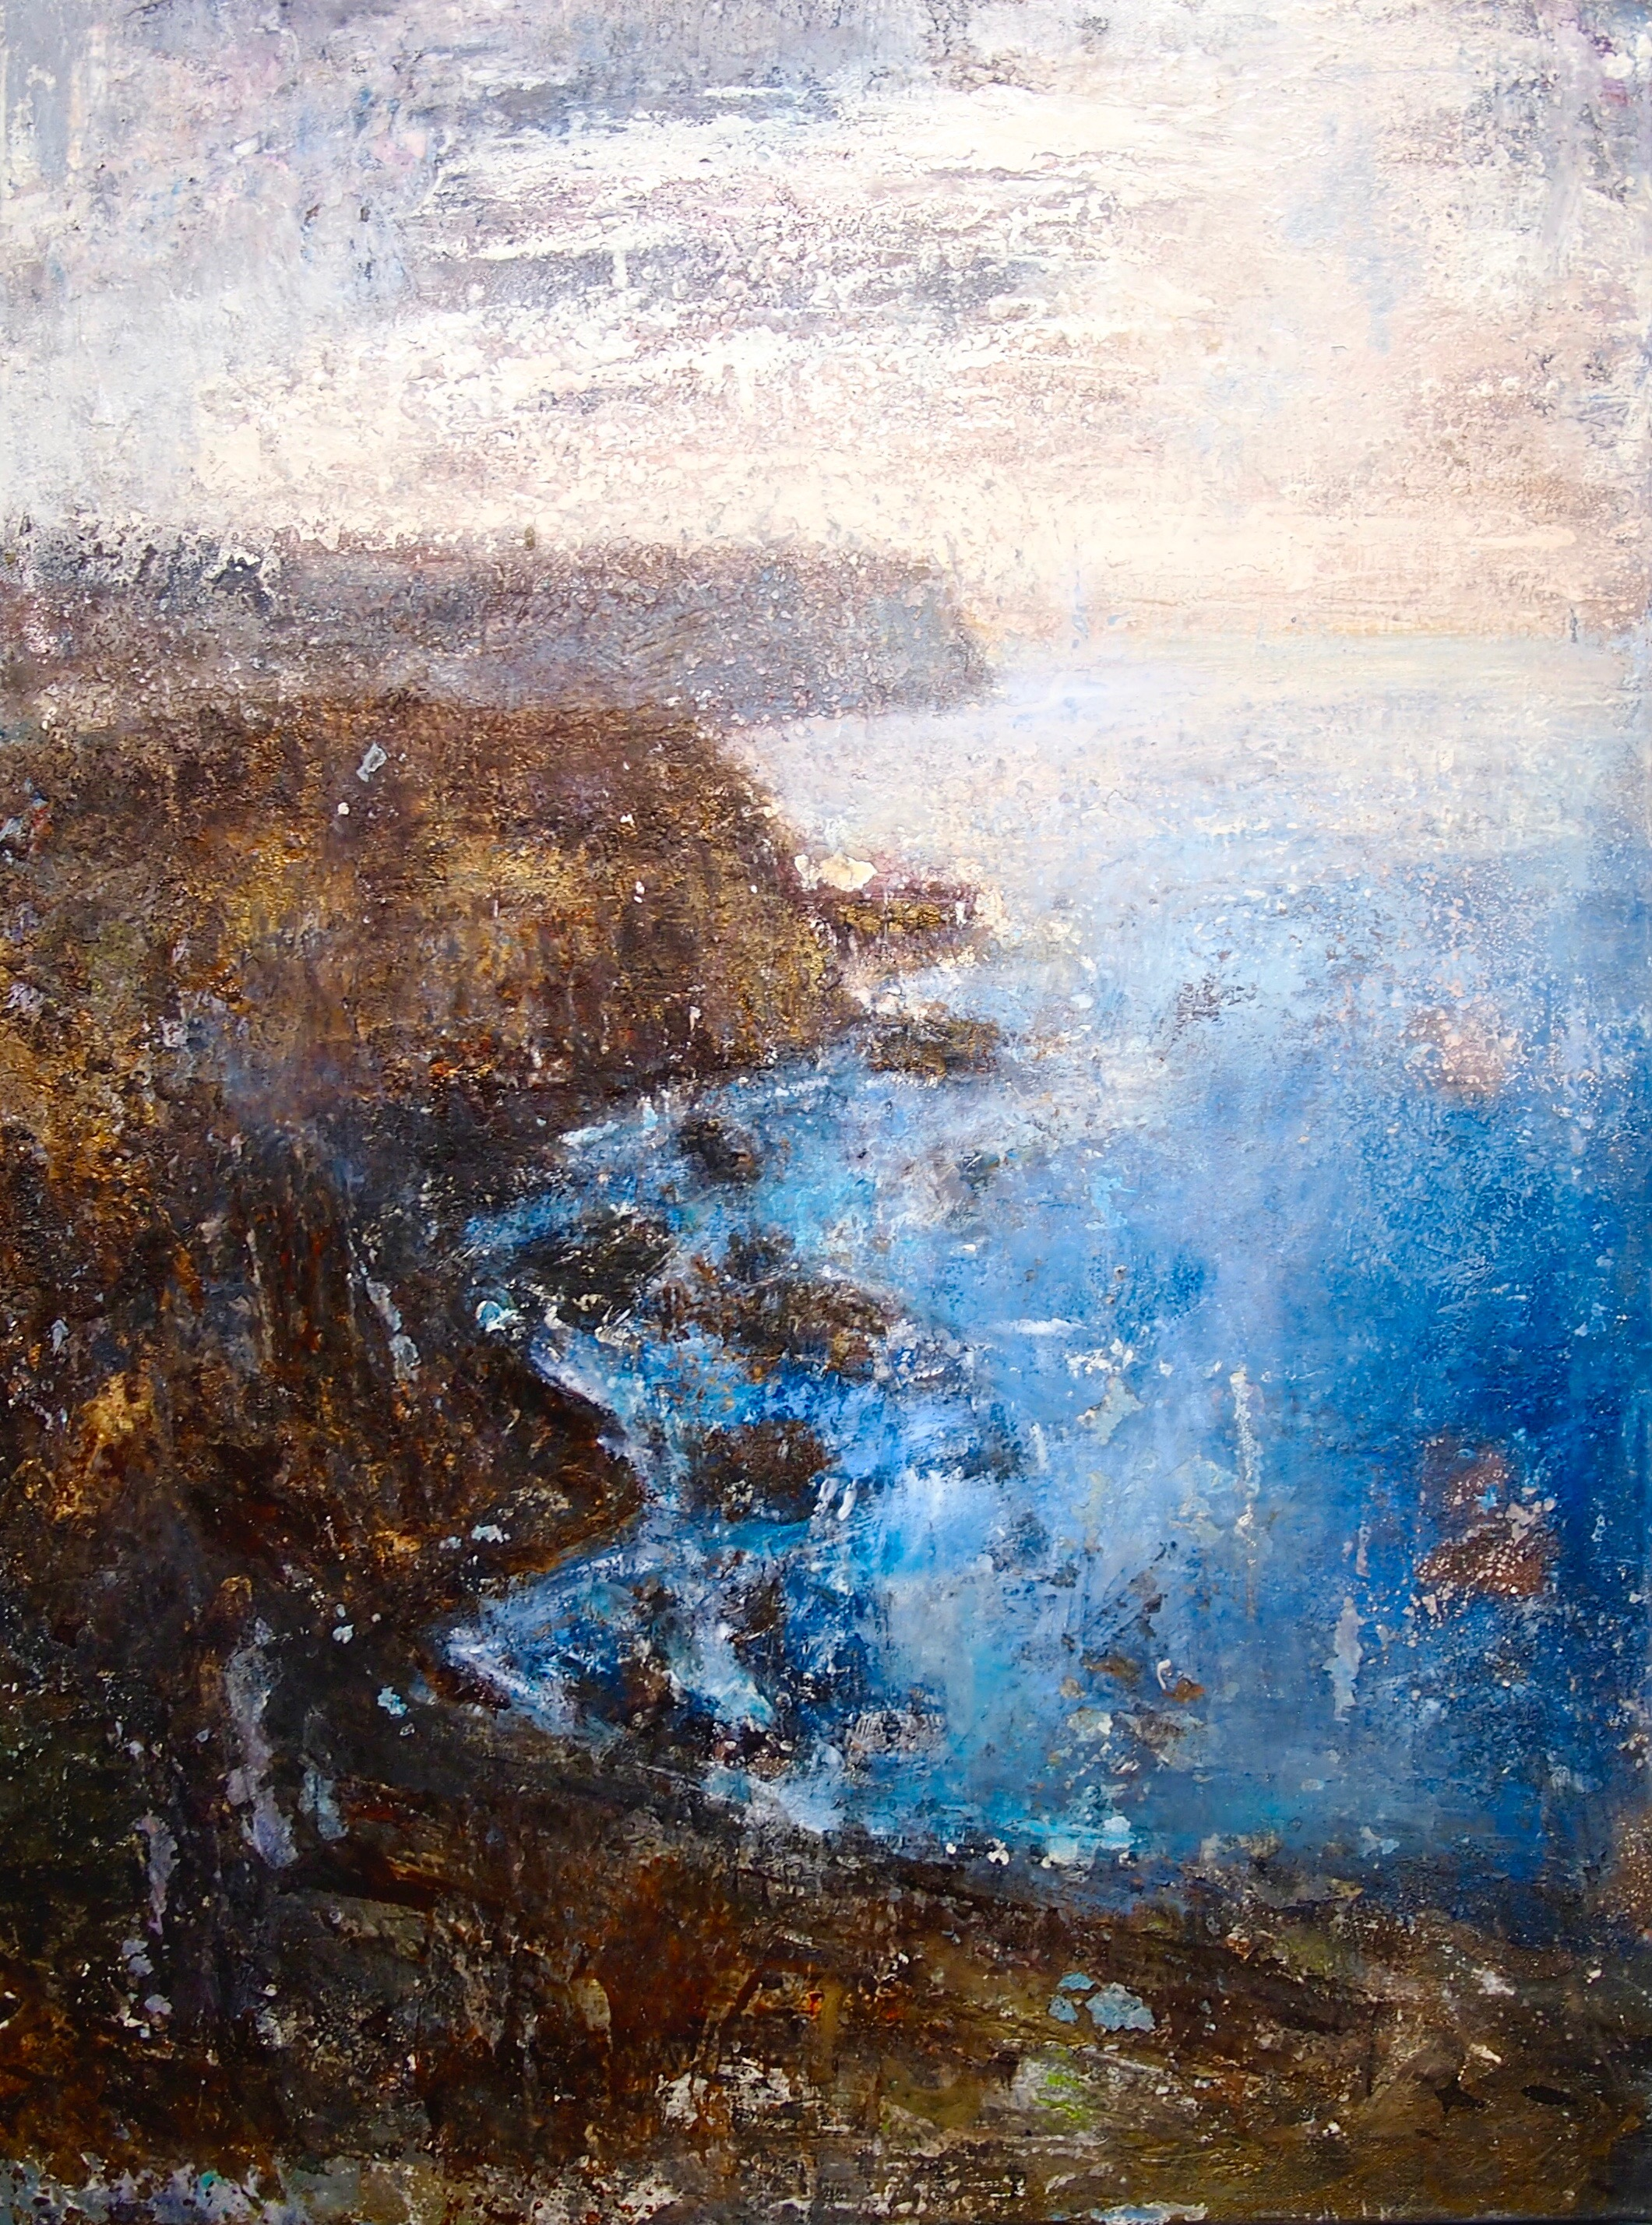 St. Govans Head, Pembrokeshire Coast - 80 x 60 cm